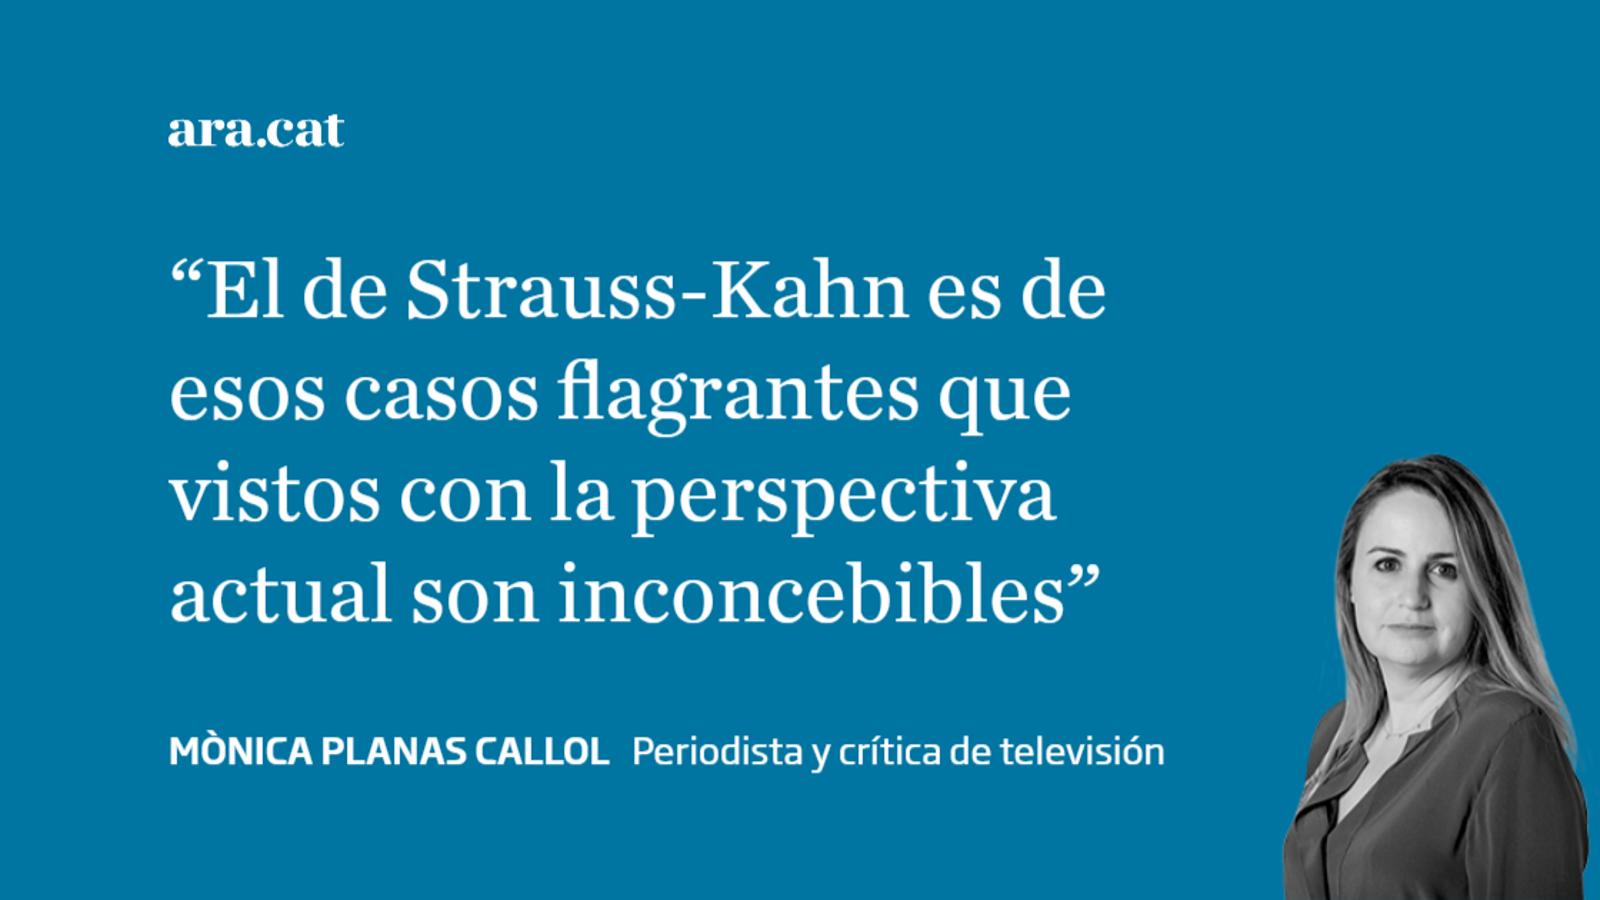 La condena de Dominique Strauss-Kahn